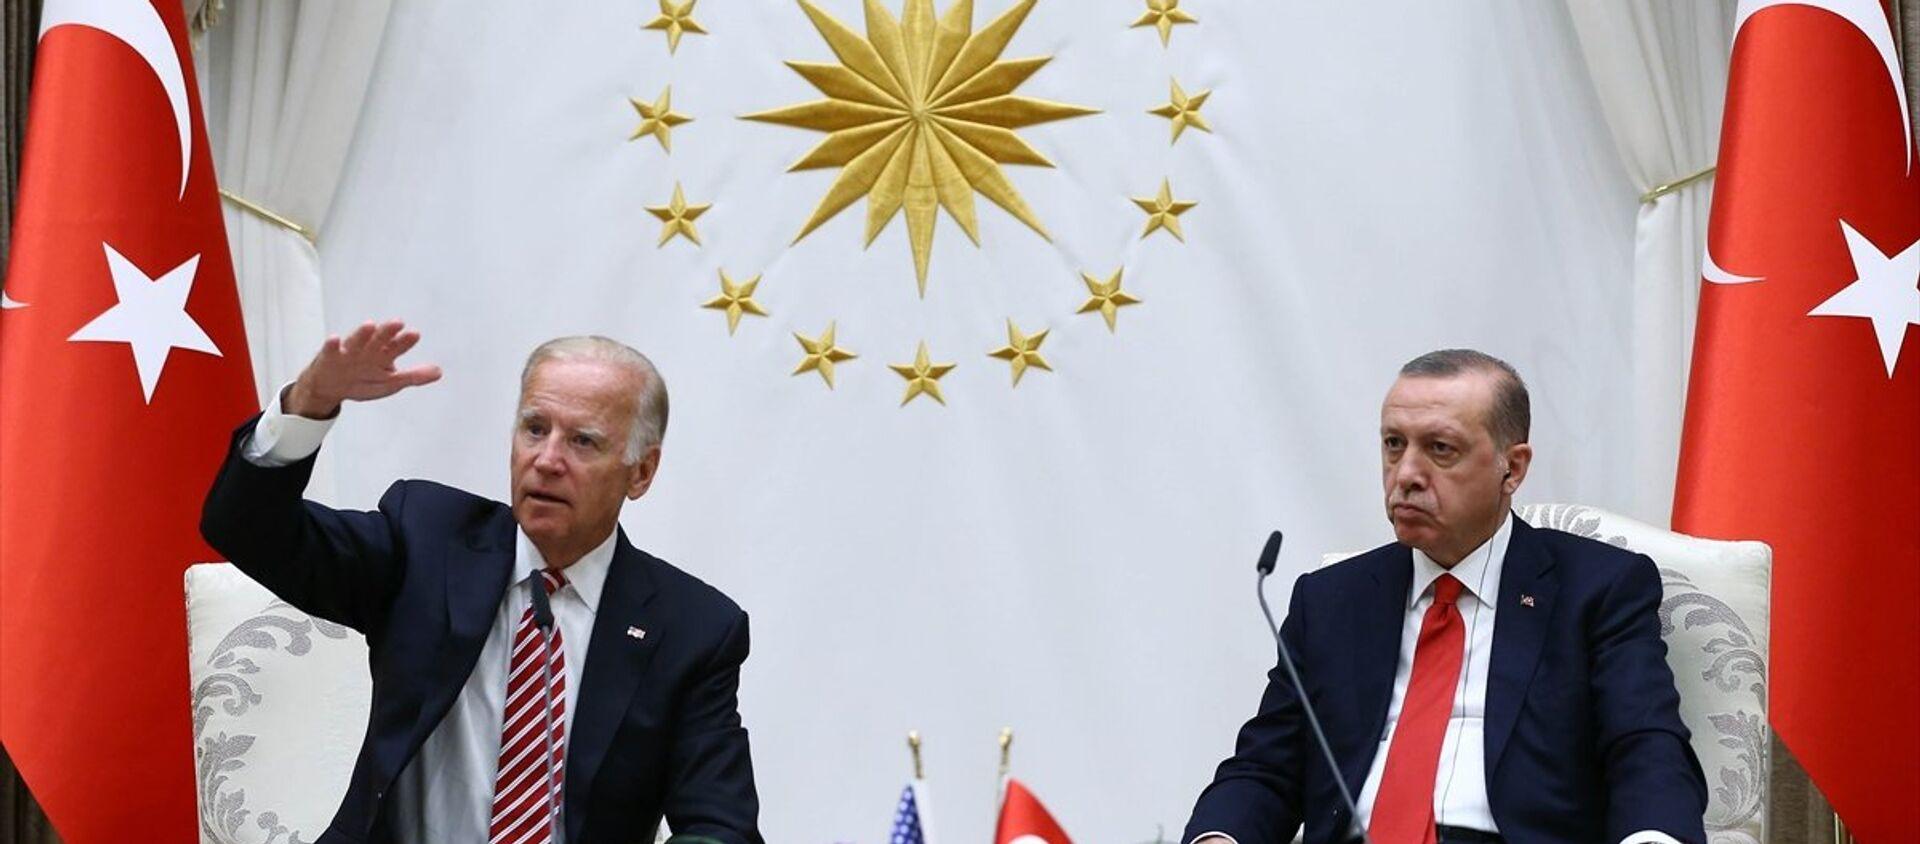 Cumhurbaşkanı Recep Tayyip Erdoğan, Cumhurbaşkanlığı Külliyesi'nde ABD Başkan Yardımcısı Joe Biden'ı kabul etti. Cumhurbaşkanı Erdoğan ve Biden, görüşme sonrası ortak basın toplantısı düzenledi. - Sputnik Türkiye, 1920, 27.04.2021